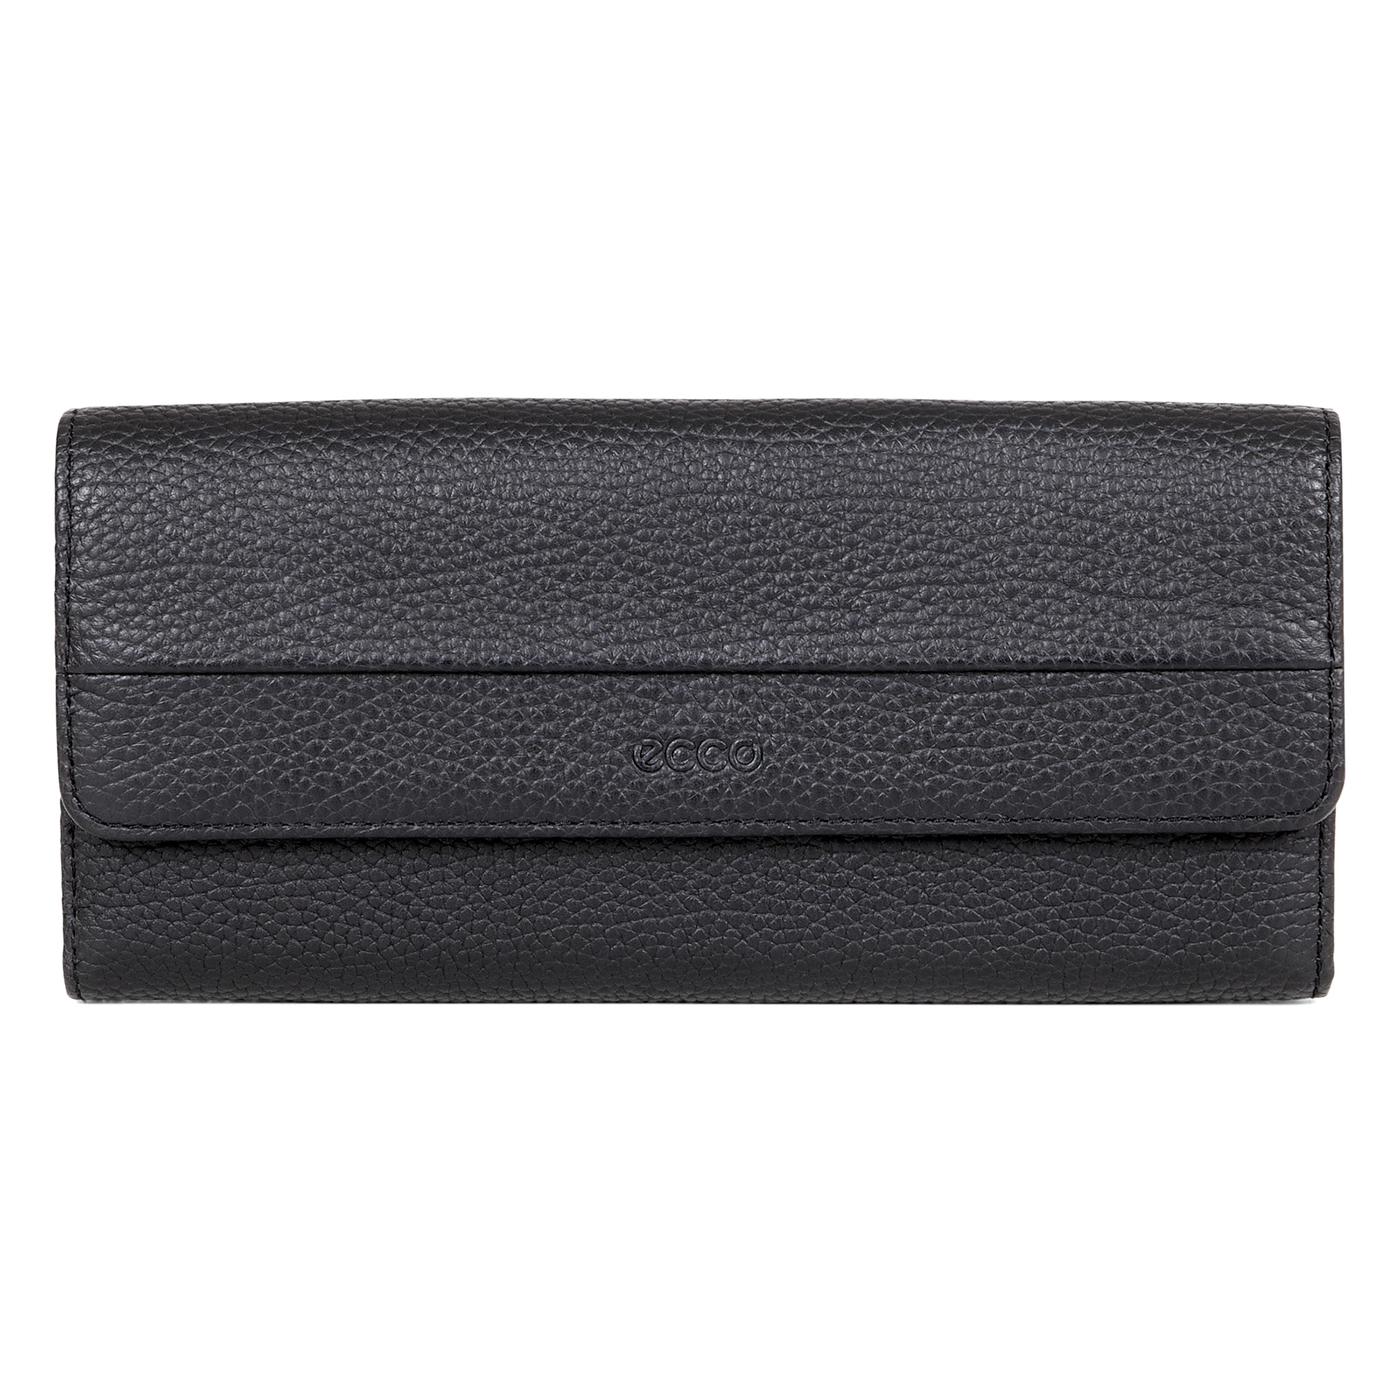 ECCO SP Continental Wallet